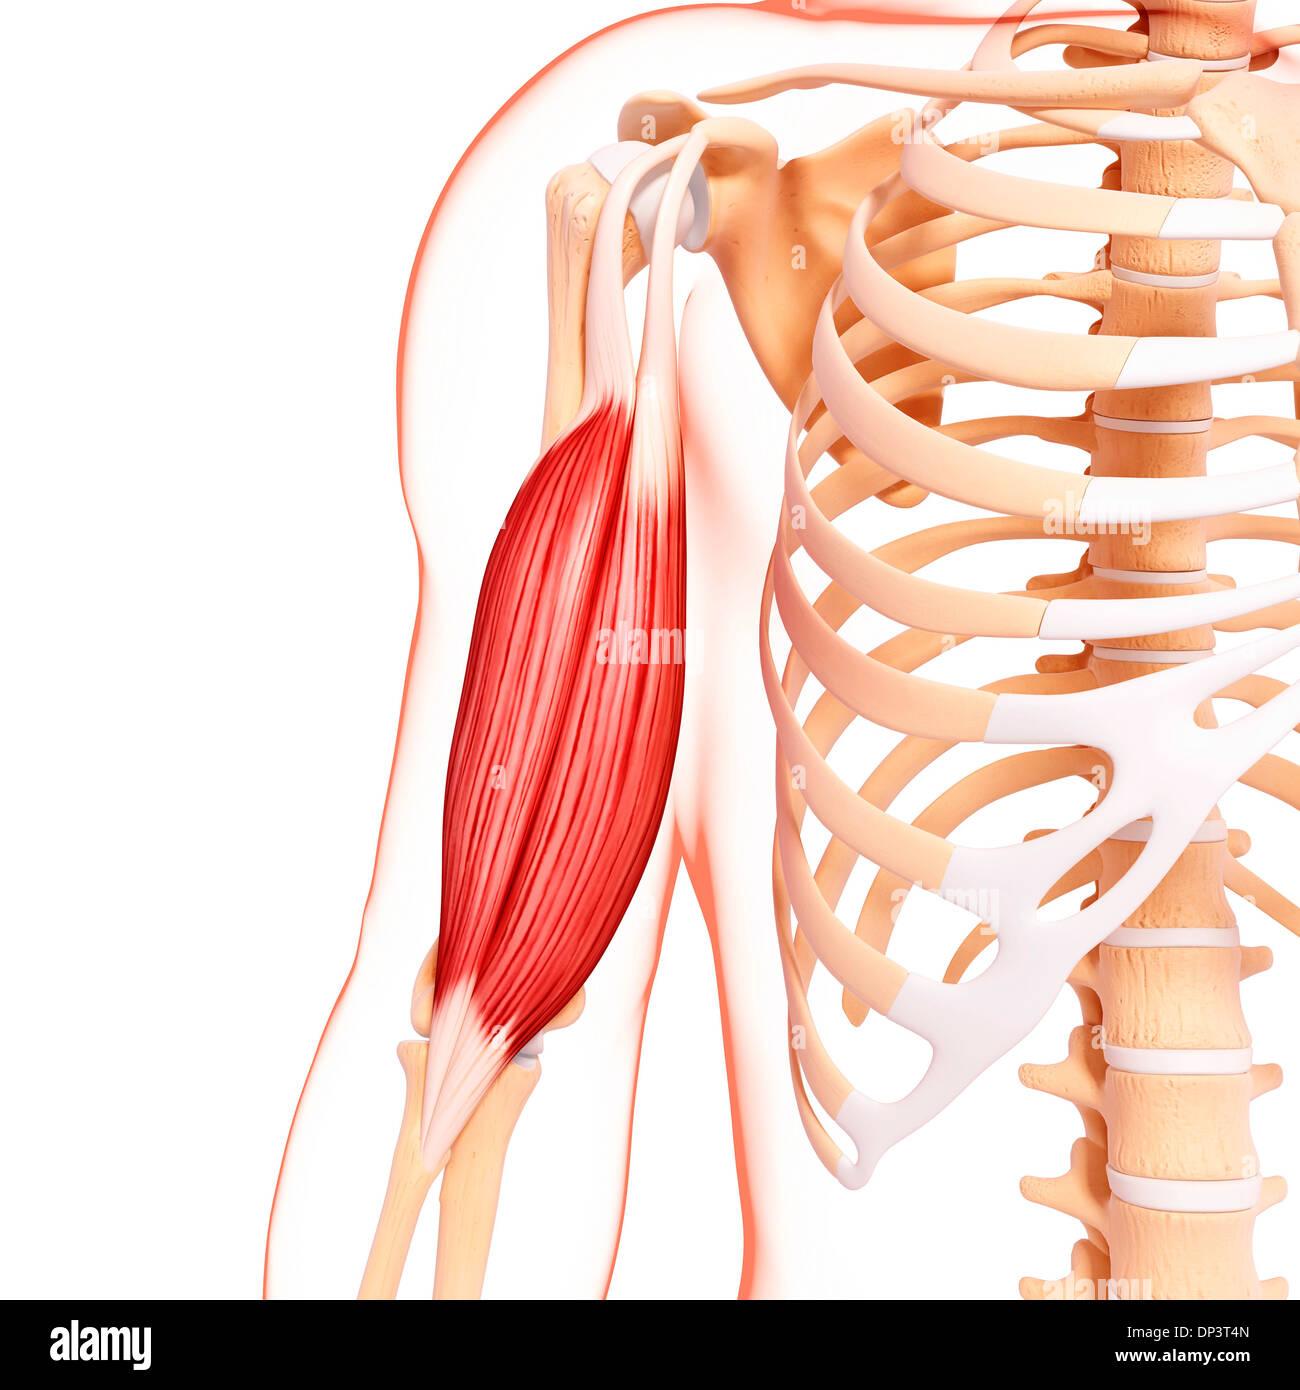 Menschlicher Arm Muskulatur, artwork Stockfoto, Bild: 65238341 - Alamy